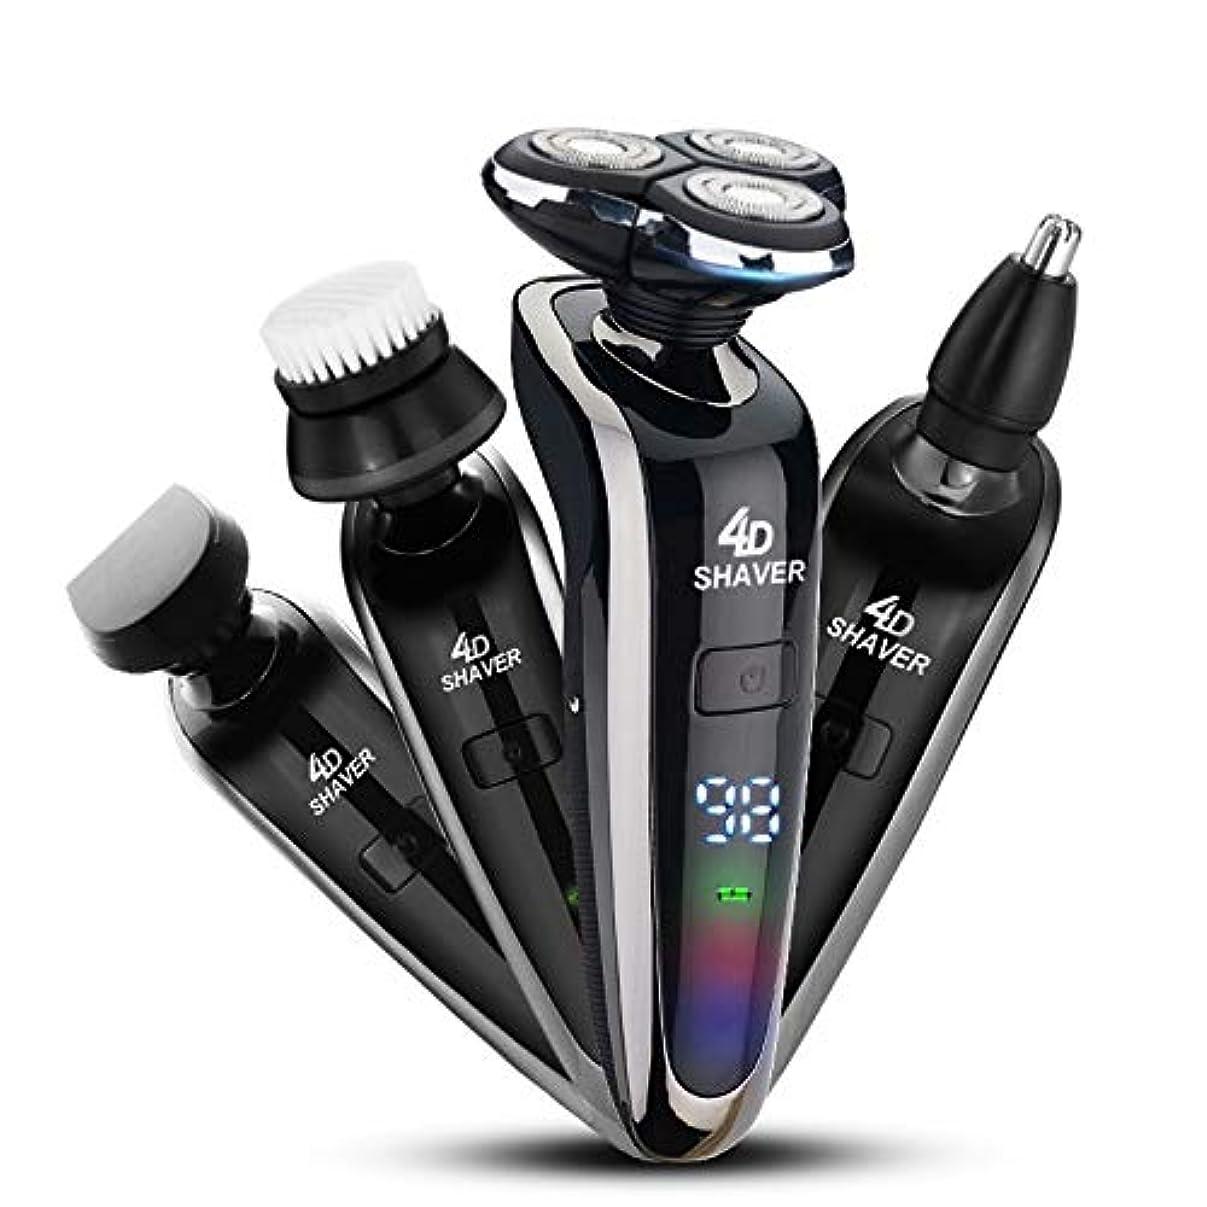 メンズ電気シェーバー 3枚刃 4 in 1髭剃り USB充電式 LEDディスプレイー お風呂剃り可能 トリマーと鼻毛カッター 洗顔ブラシ付き 防水仕様IPX基準 本体丸洗い可能